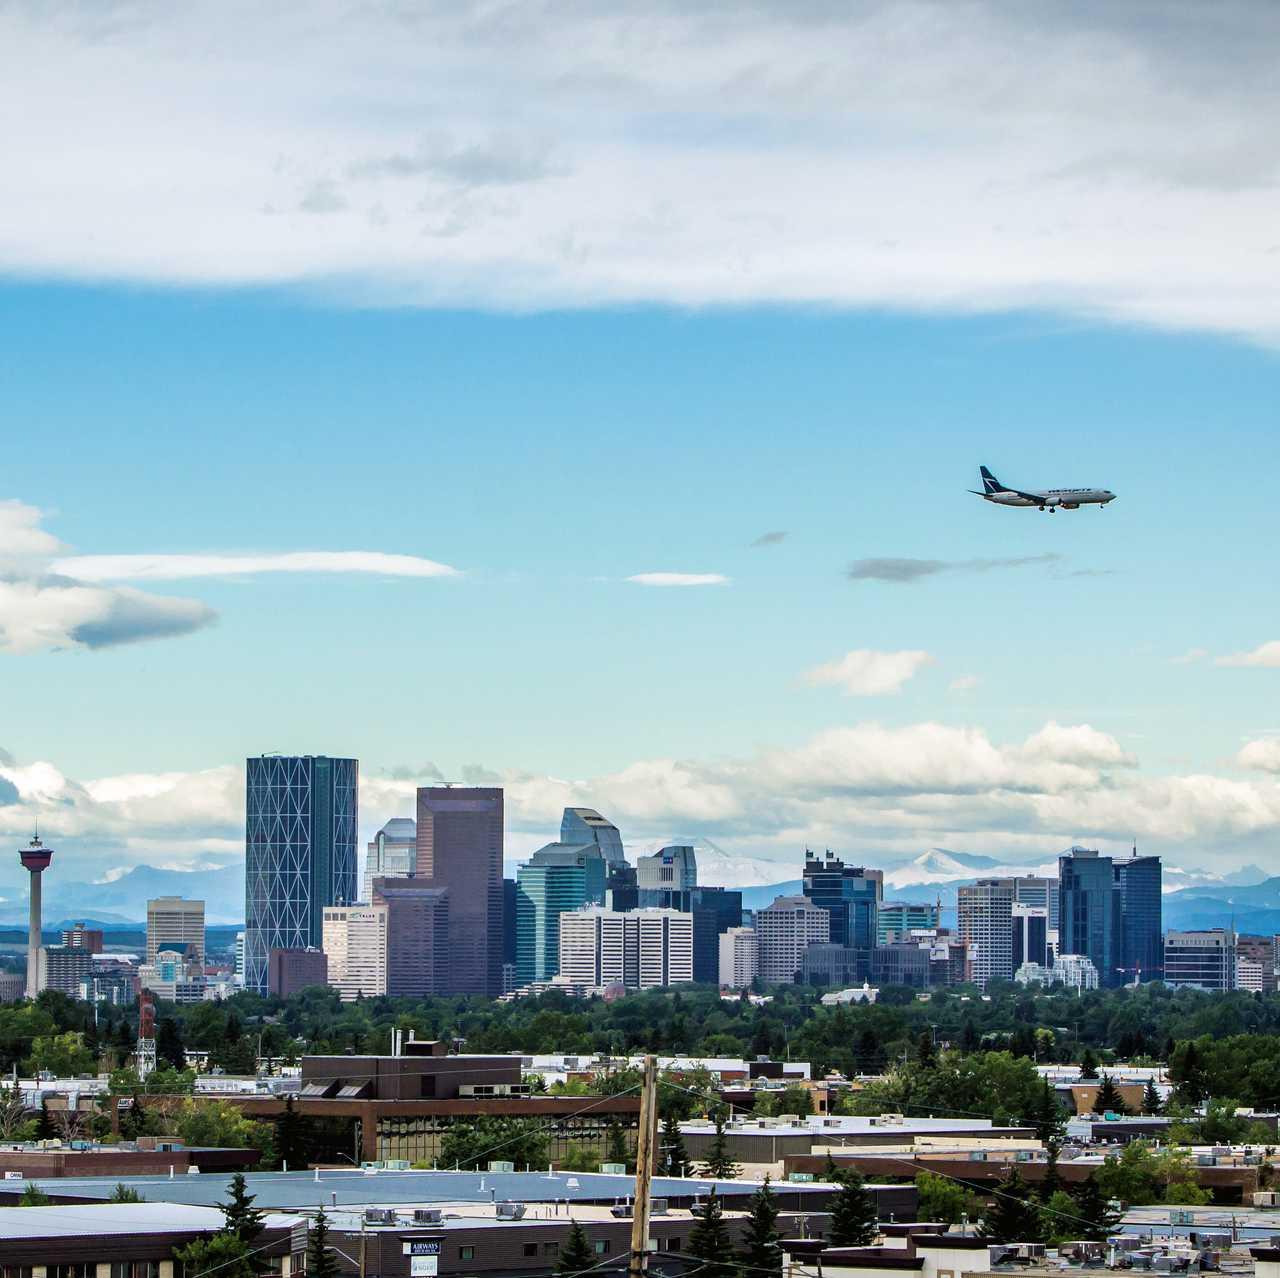 Calgary: Reisen in den Wilden Westen Kanadas buchen! | CANUSA